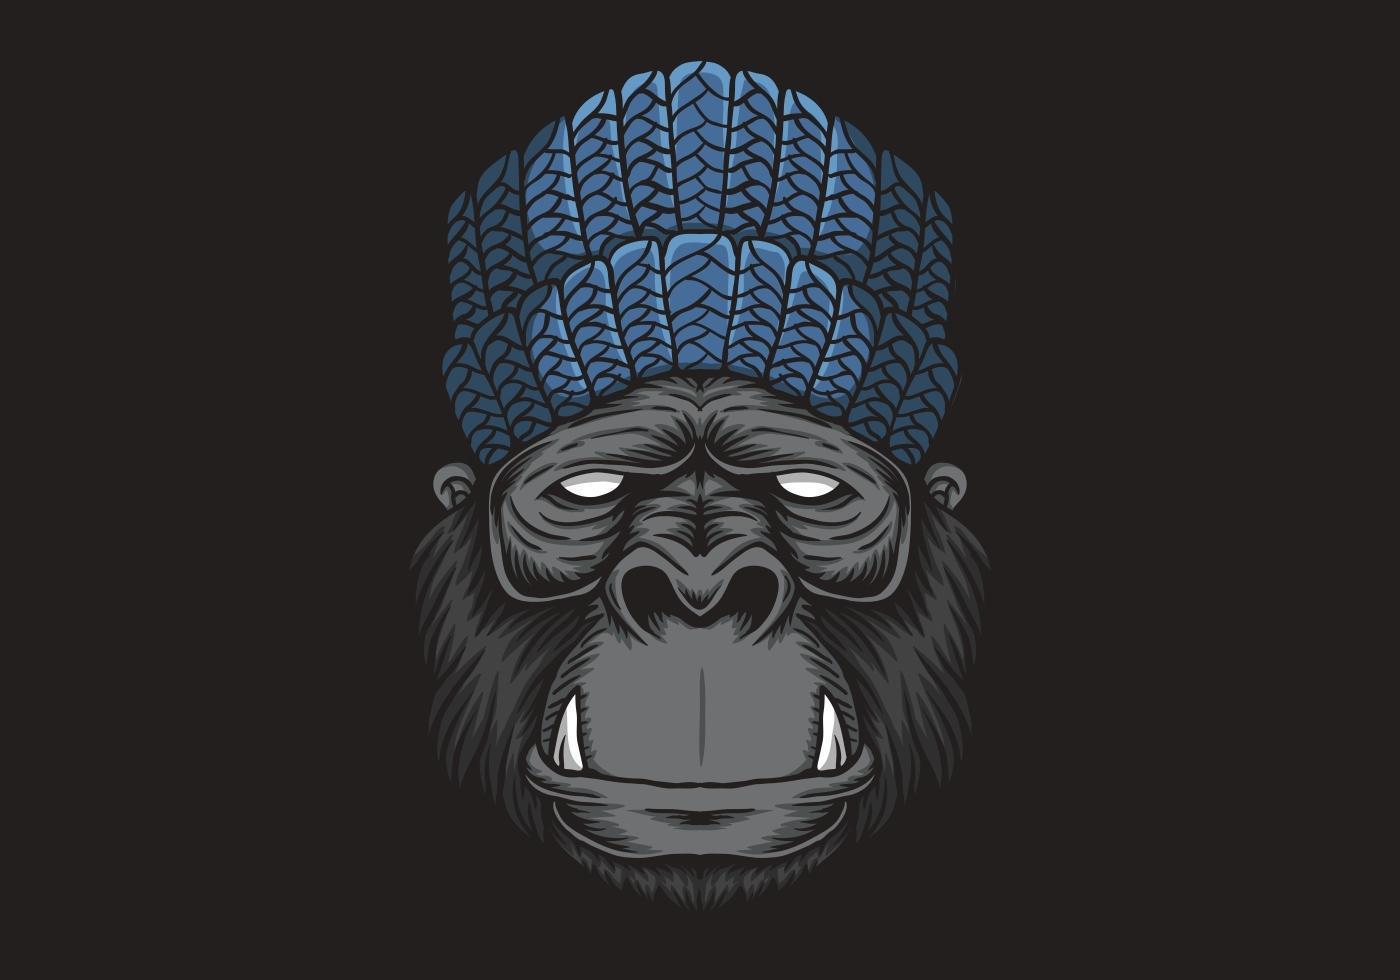 3 Monos Sabios Tatuajes ilustración de vector de cabeza de gorila - descargar